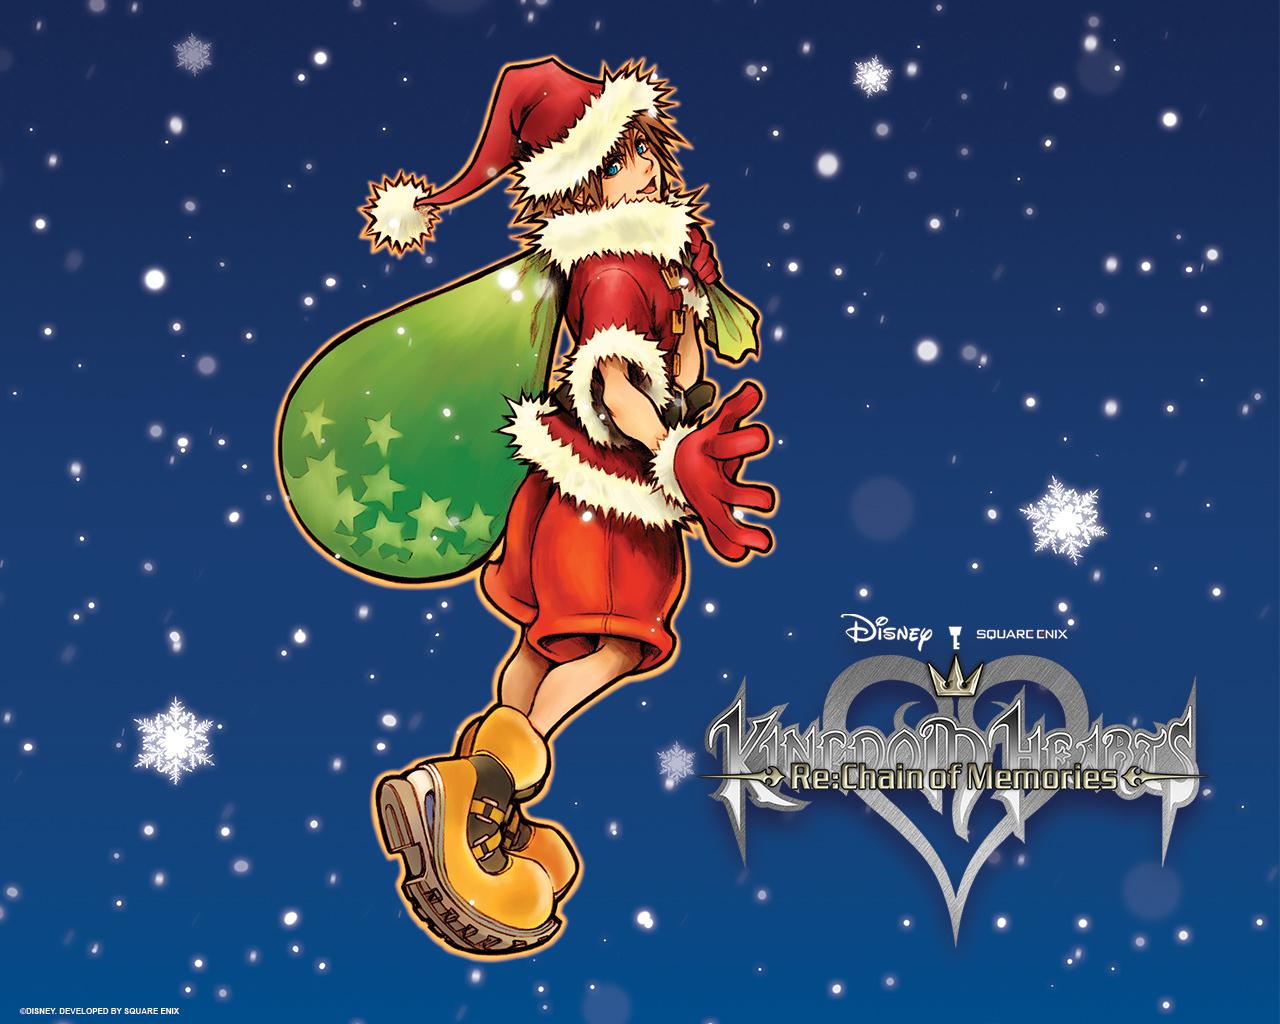 Official Kingdom Hearts Wallpaper   Kingdom Hearts Wallpaper 2754145 1280x1024